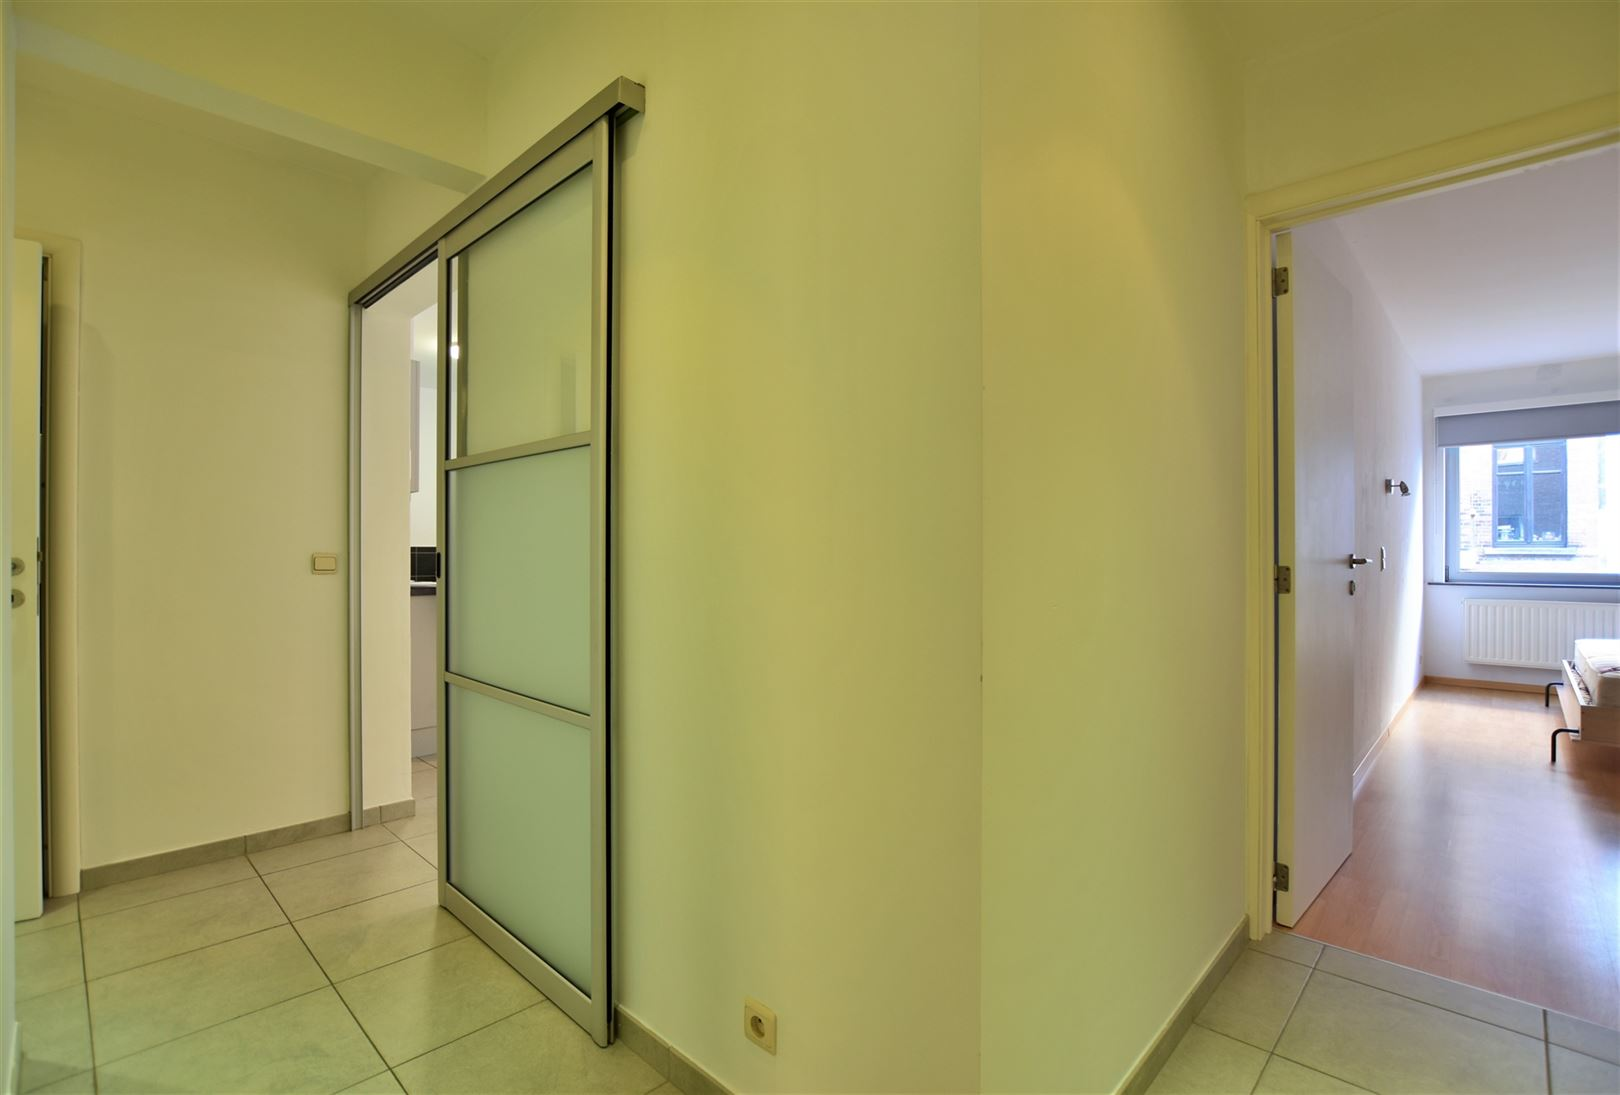 Foto 9 : Appartement te 8400 OOSTENDE (België) - Prijs € 299.000